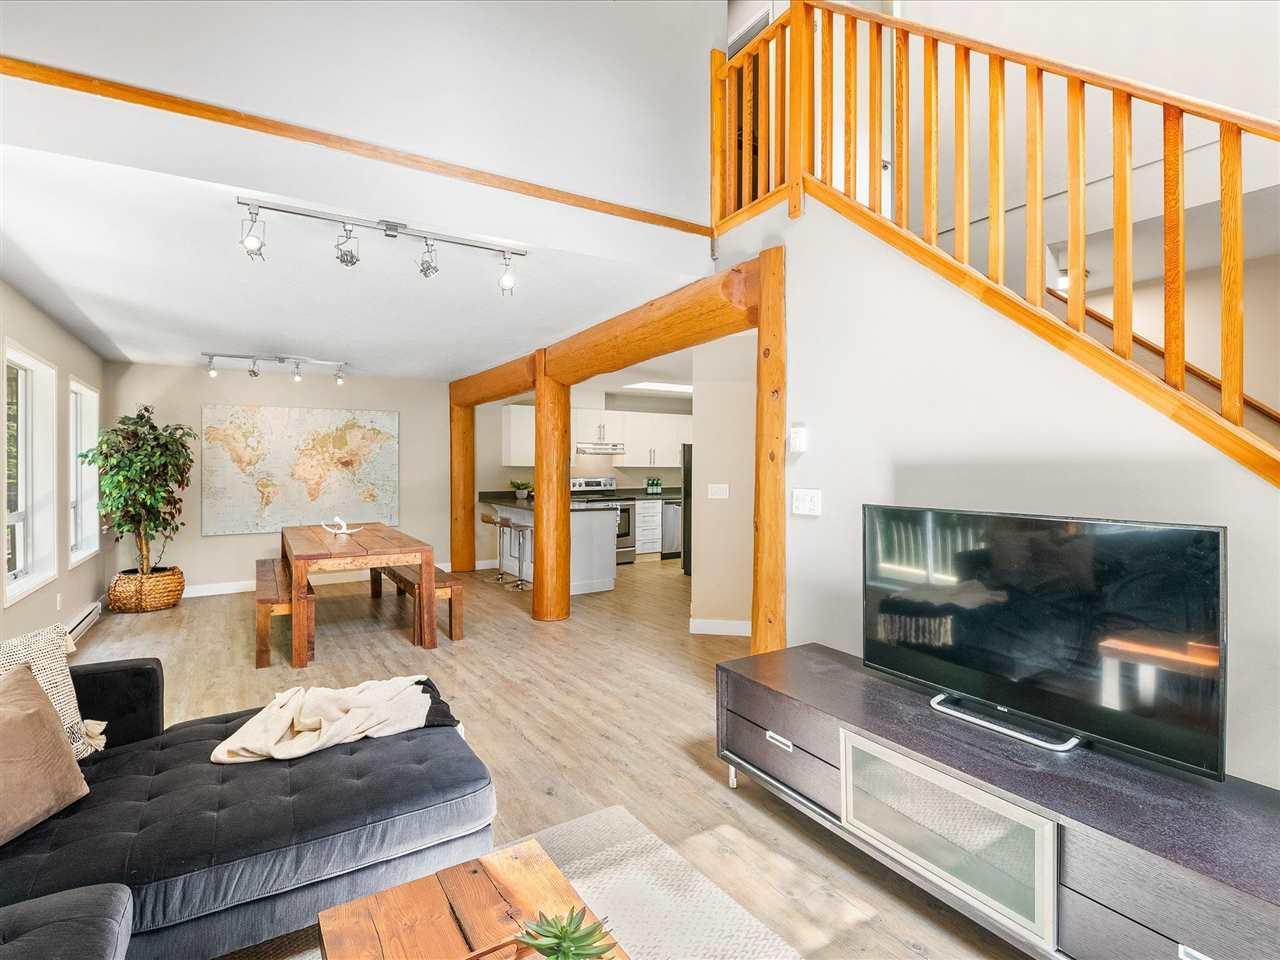 72 2222 BRANDYWINE WAY - Bayshores 1/2 Duplex for sale, 3 Bedrooms (R2591139) - #10